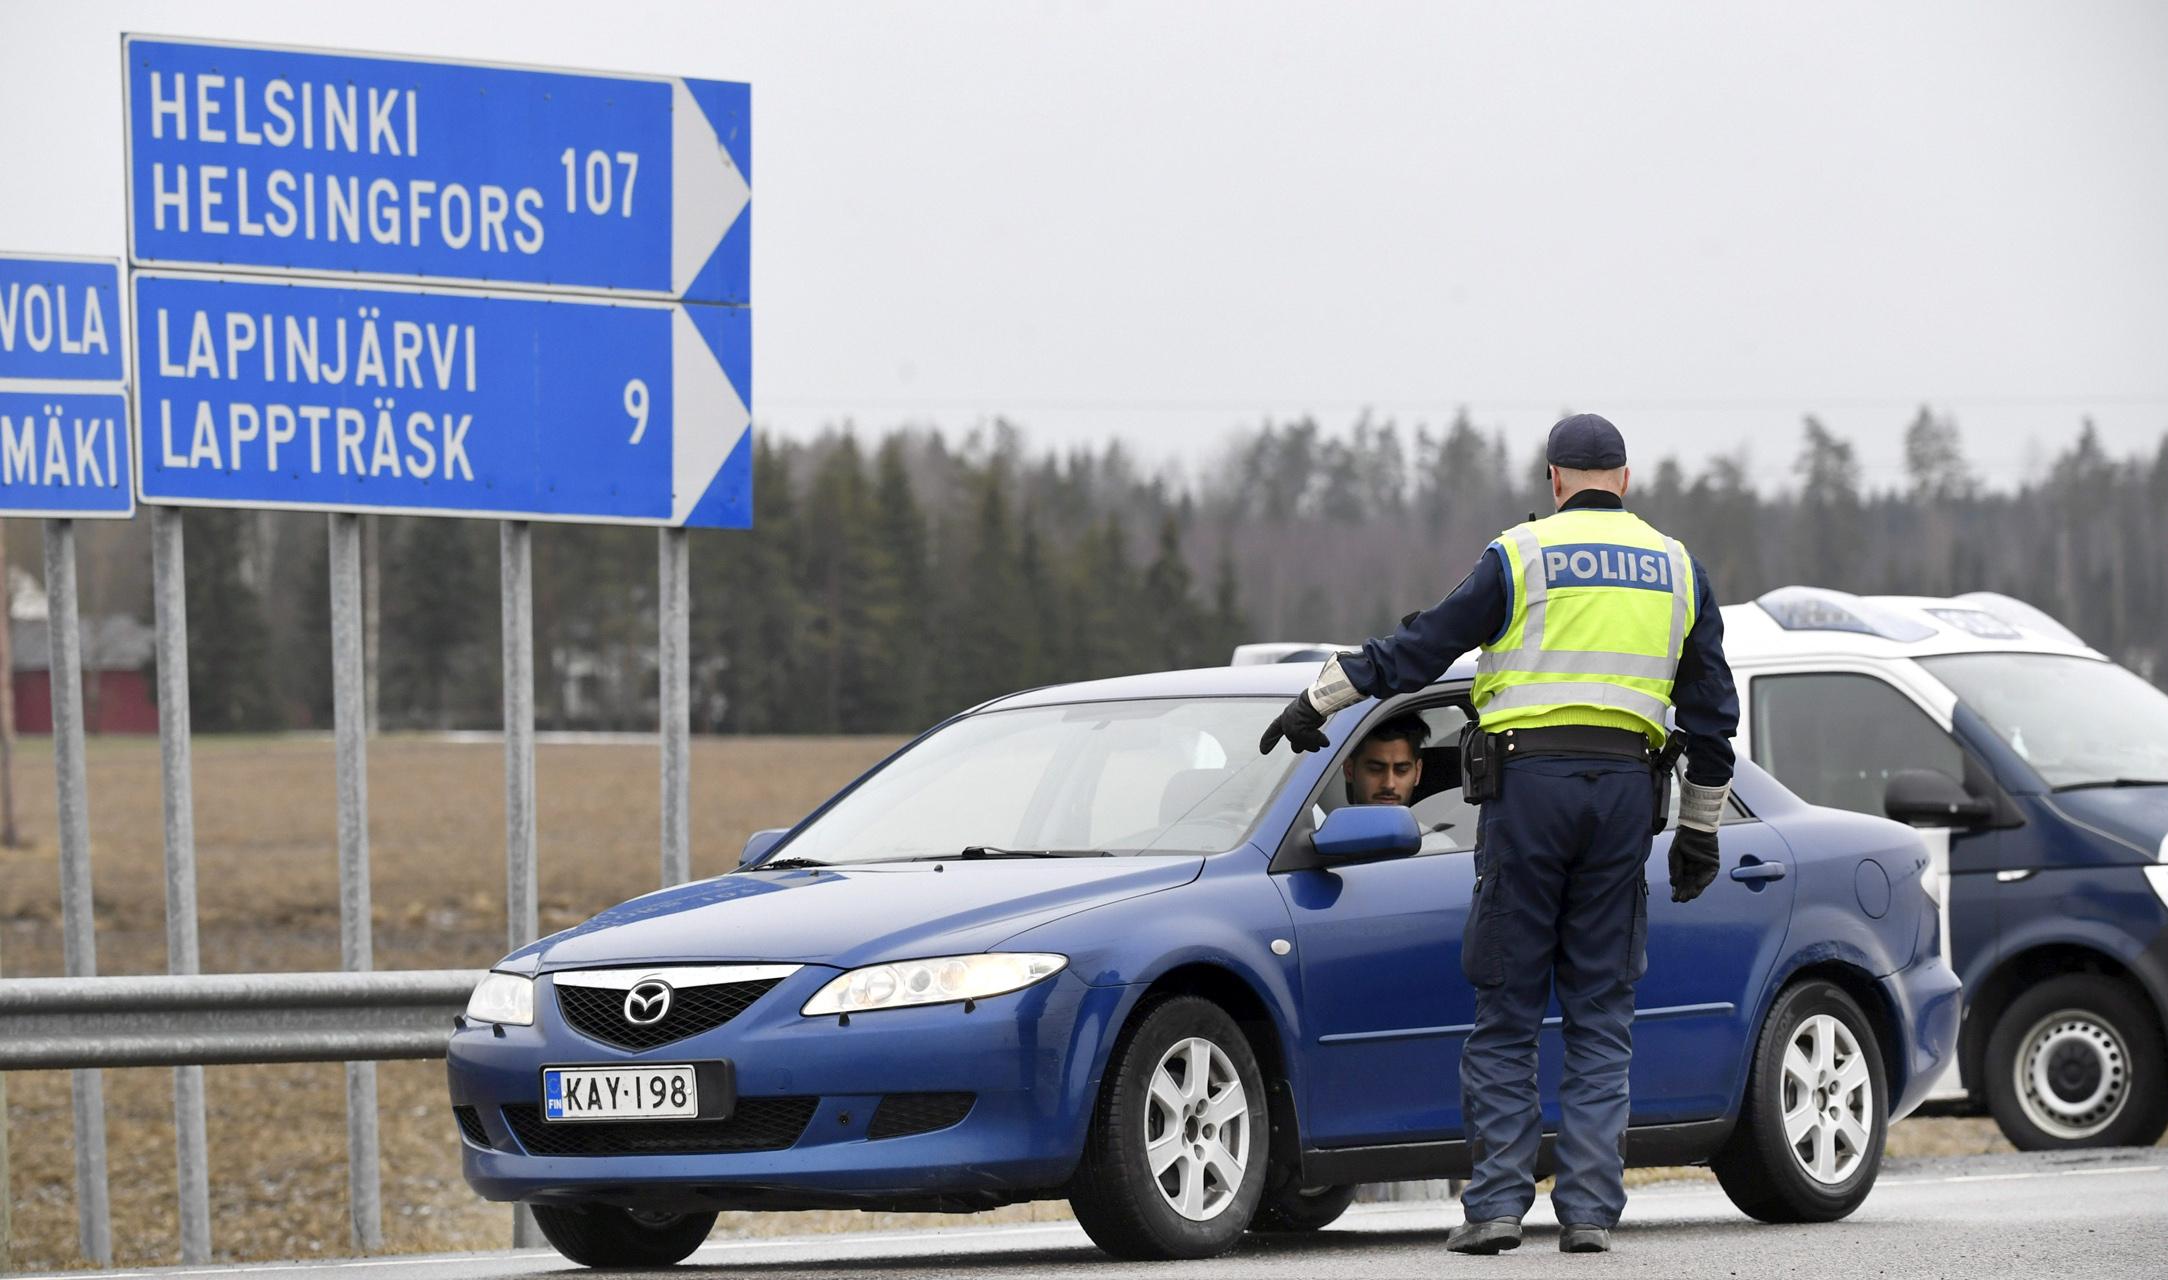 Φινλανδία – Κορονοϊός: Κλείνει τα σύνορα με Ελβετία, Αυστρία, Σλοβενία – Απαγορεύονται οι συναθροίσεις άνω των 20 ατόμων